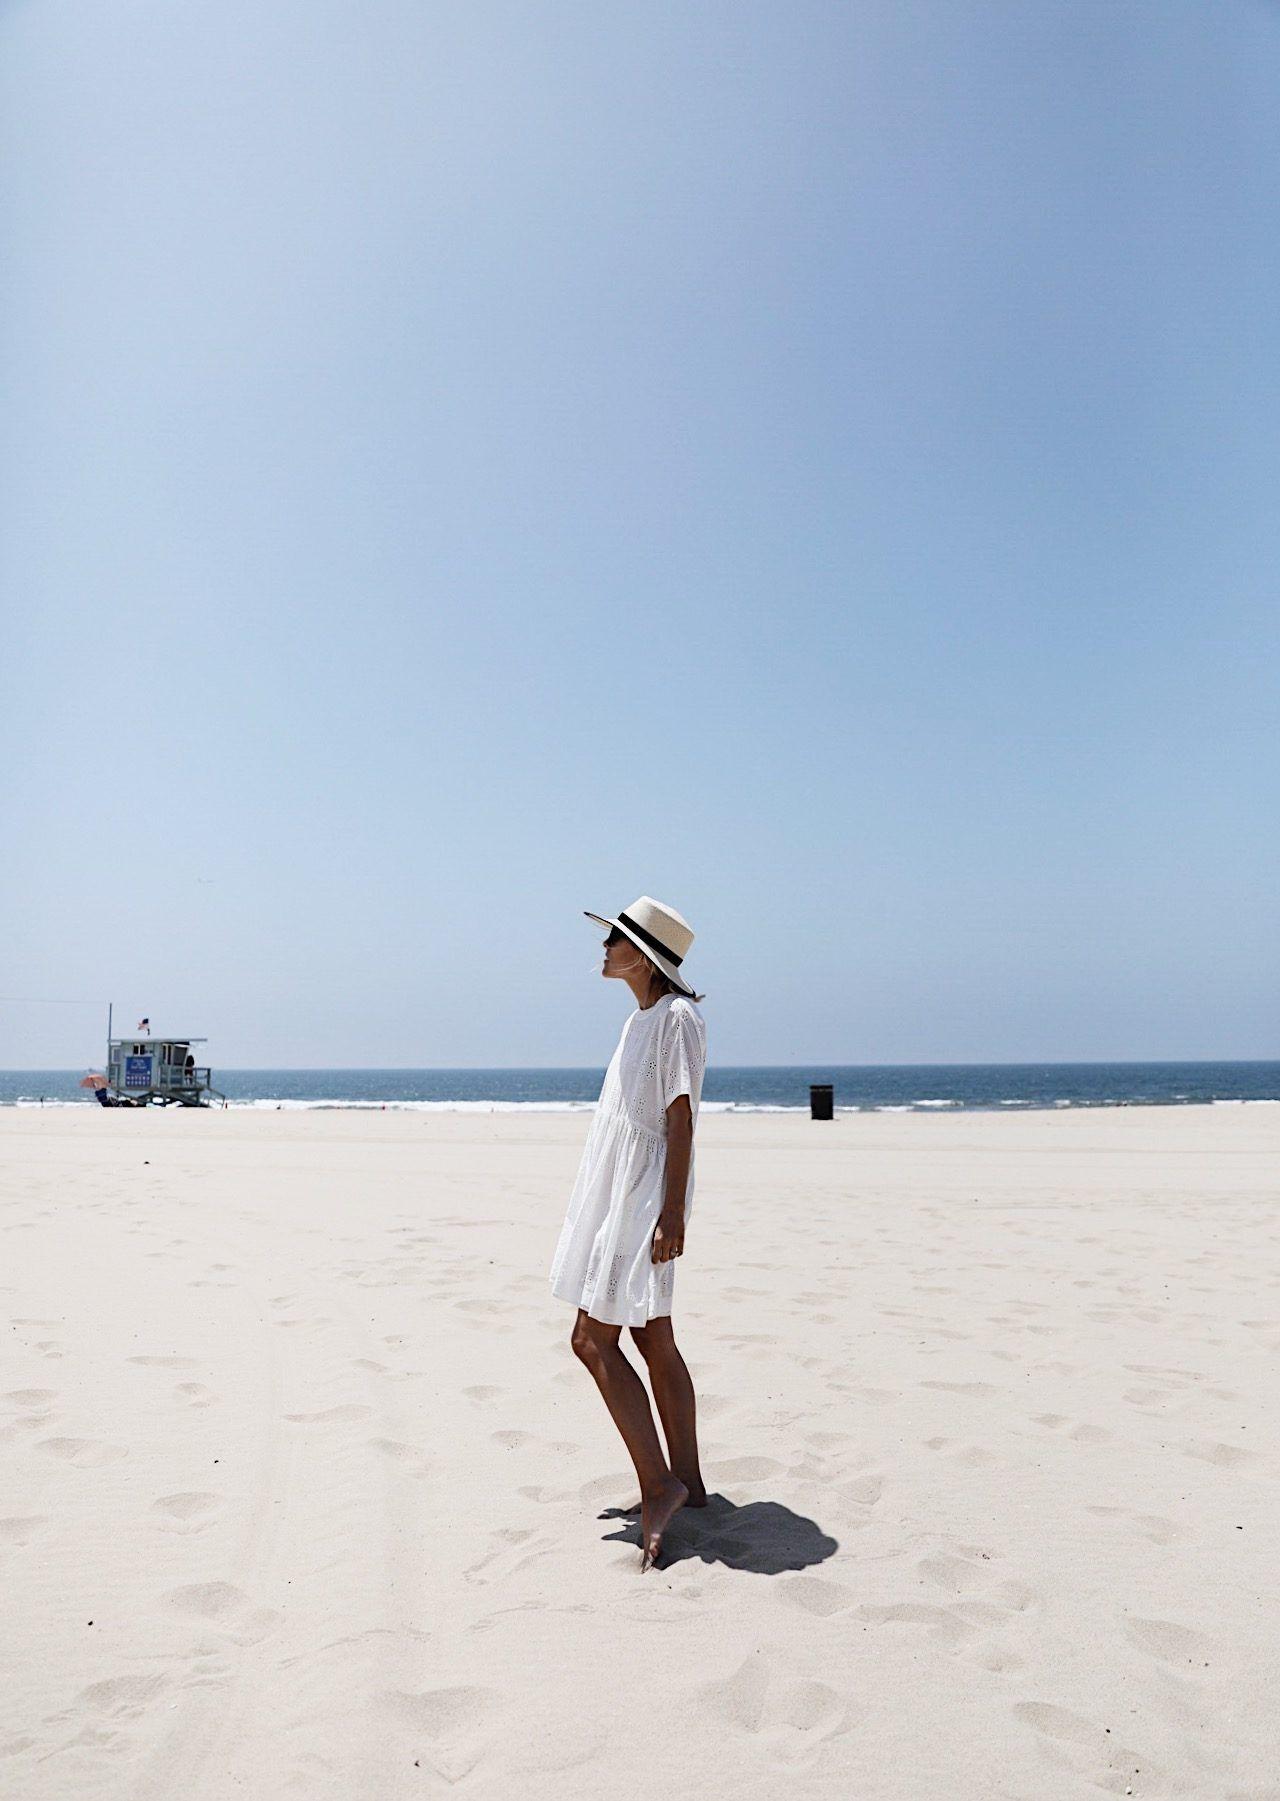 be7dde2f79b287 A Quick Trip to the Beach | % DamselInDior % | Dior, Fashion, Beach